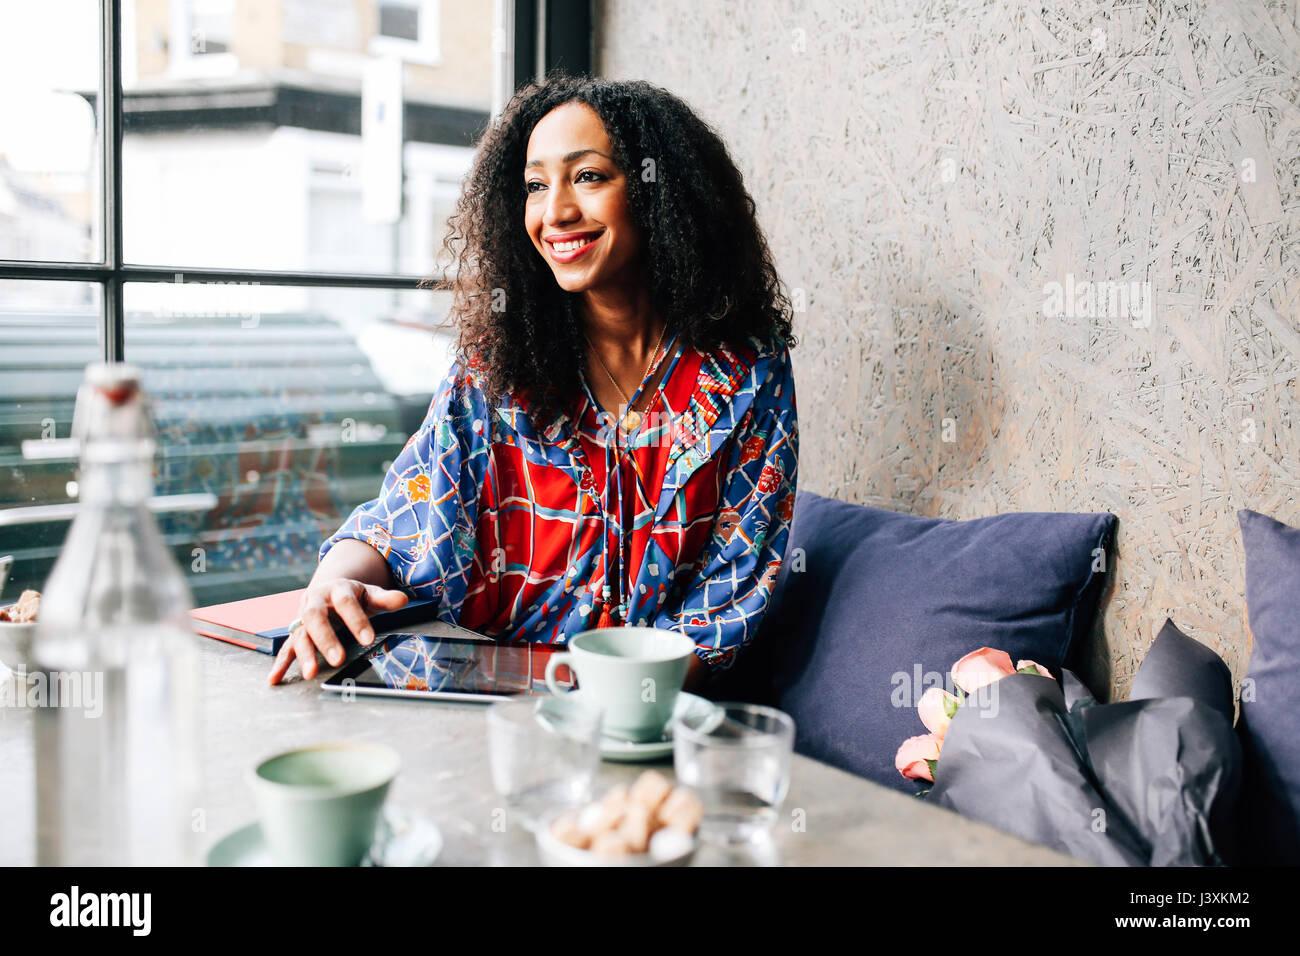 Metà donna adulta sulla finestra cafe sede Immagini Stock